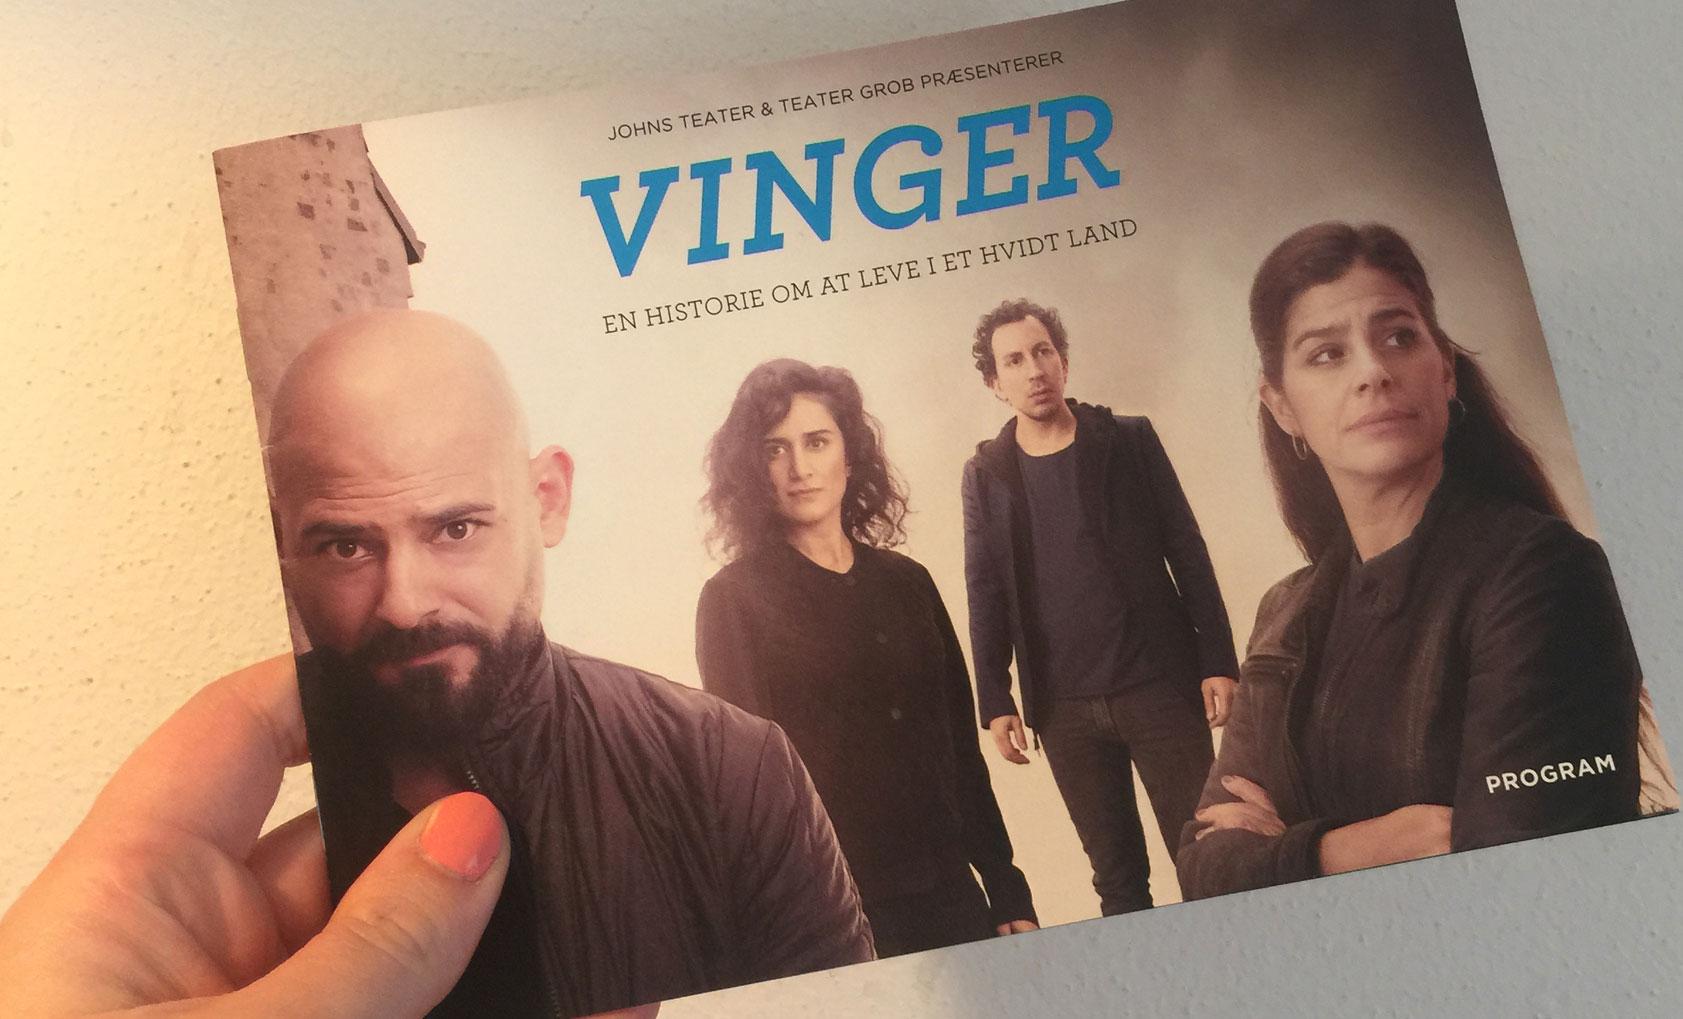 Program til Vinger. 2016